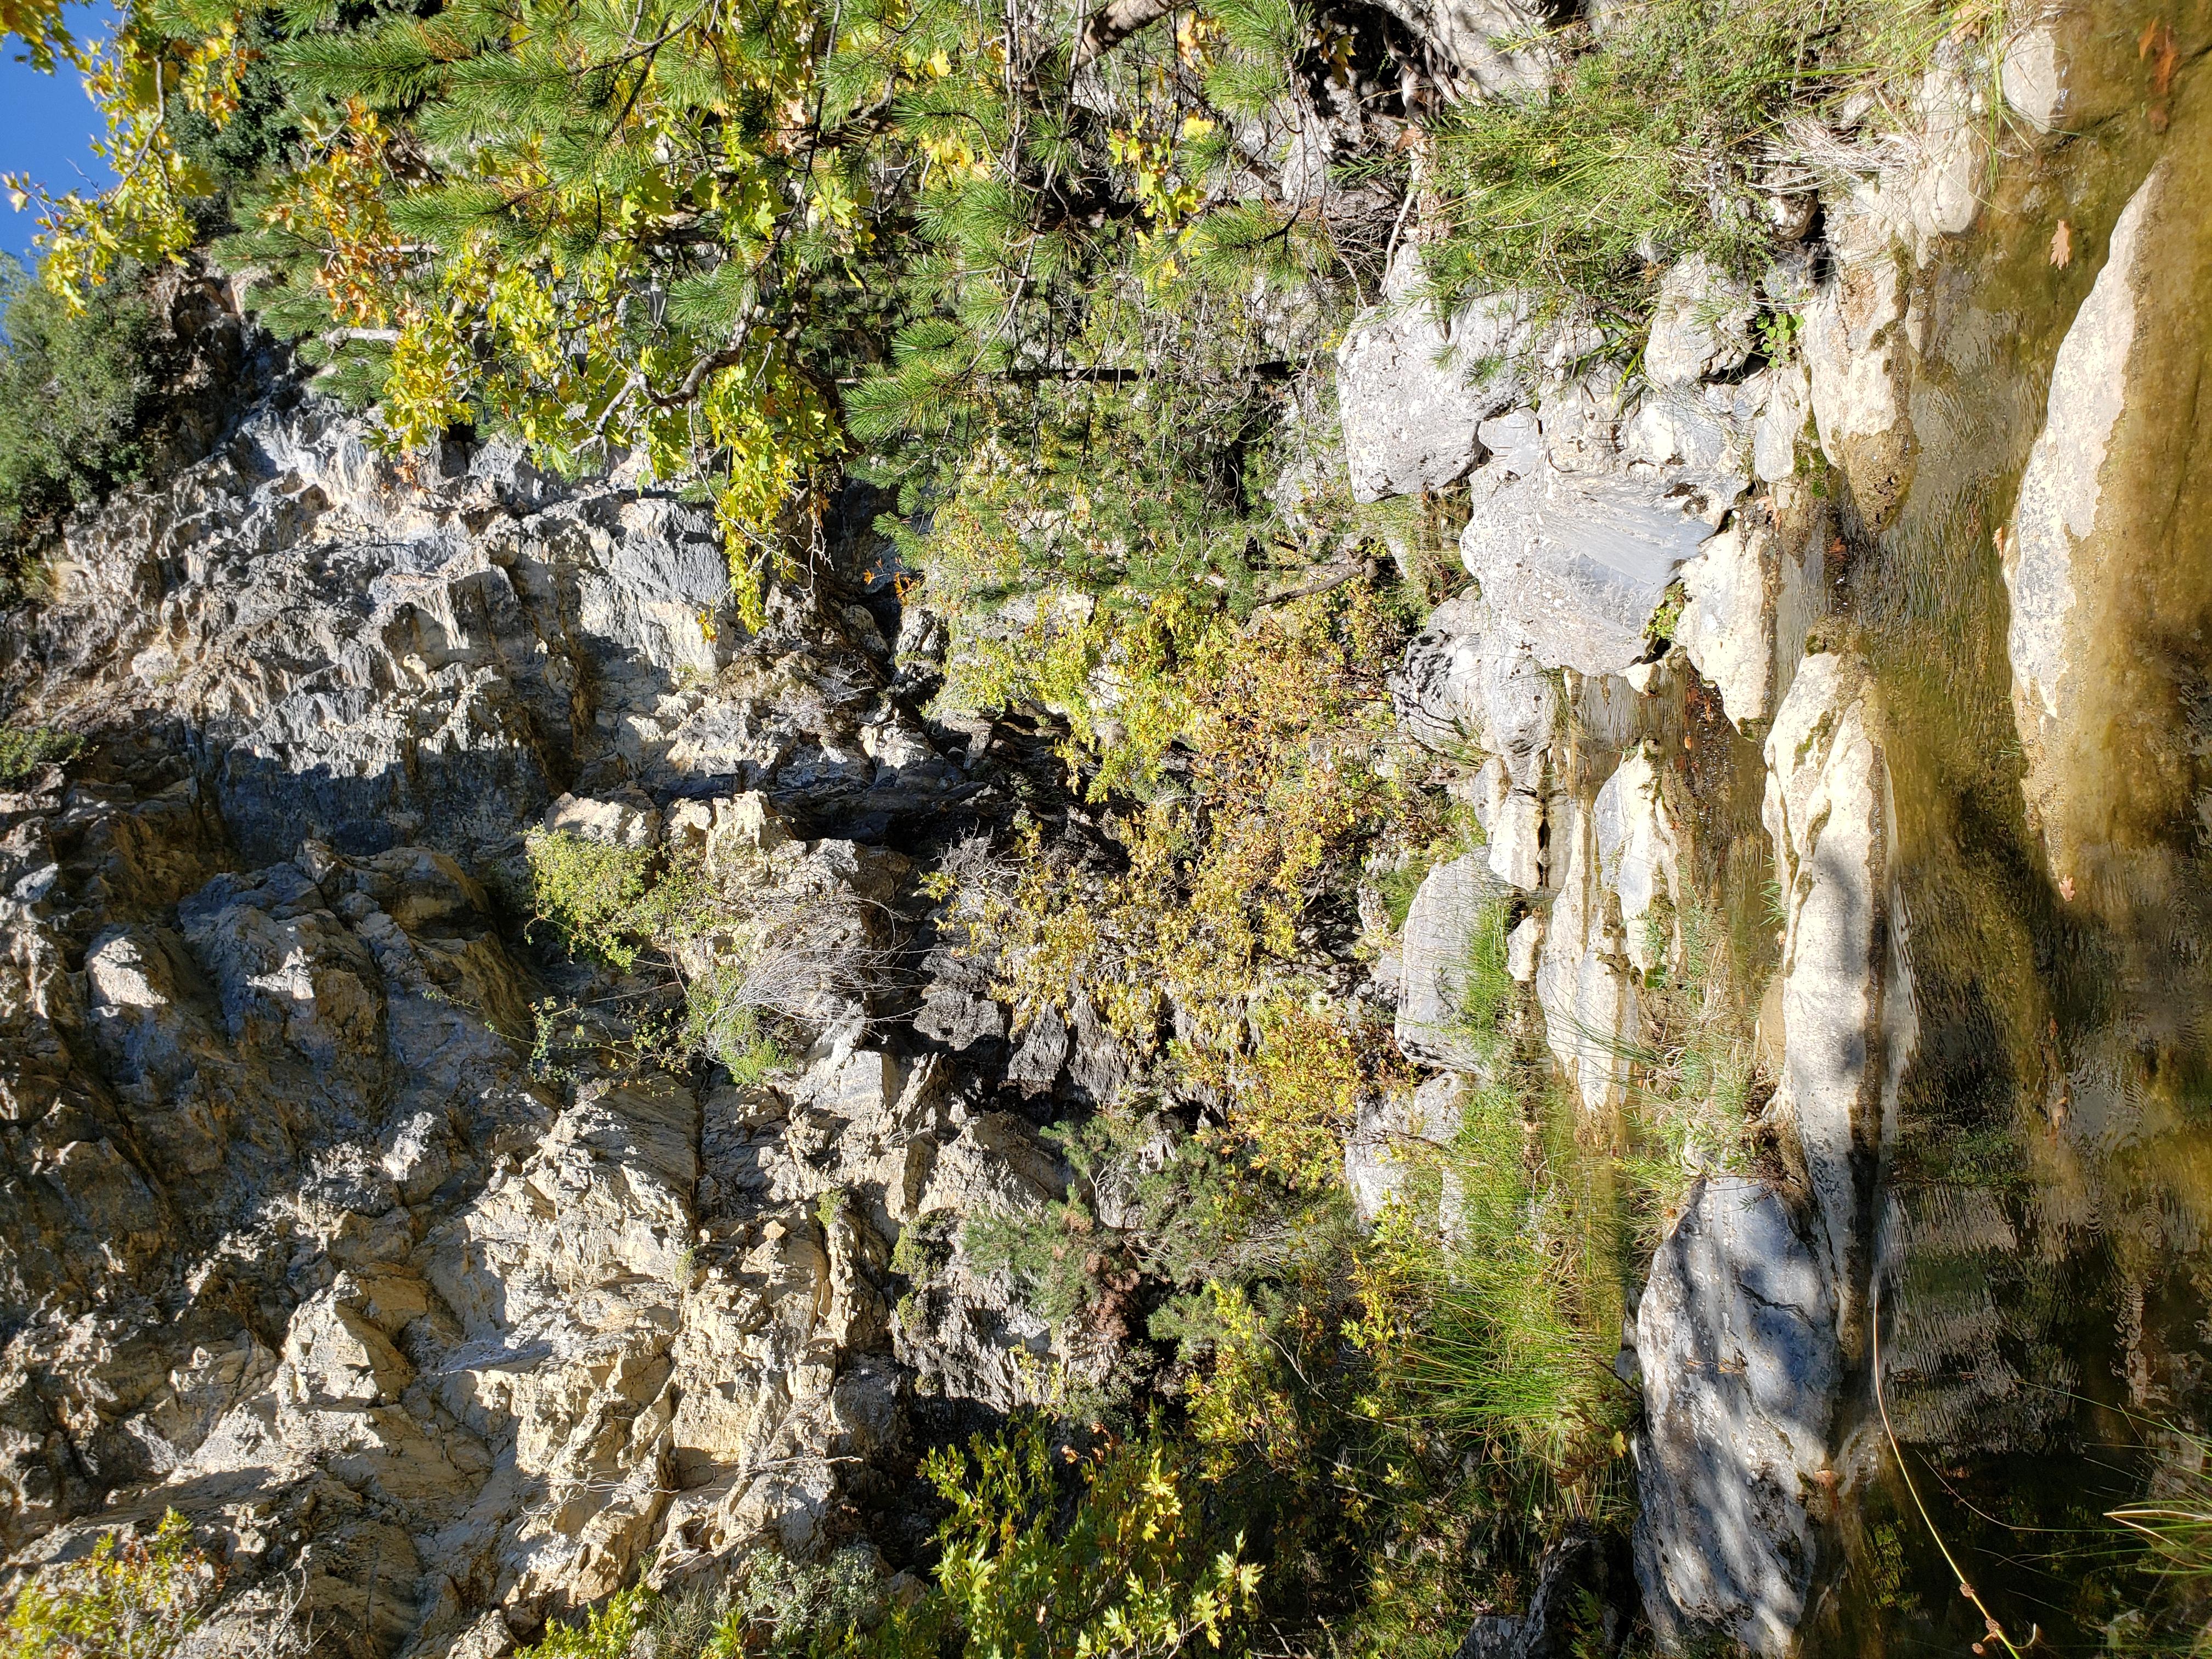 gorges Drimonas waterfall